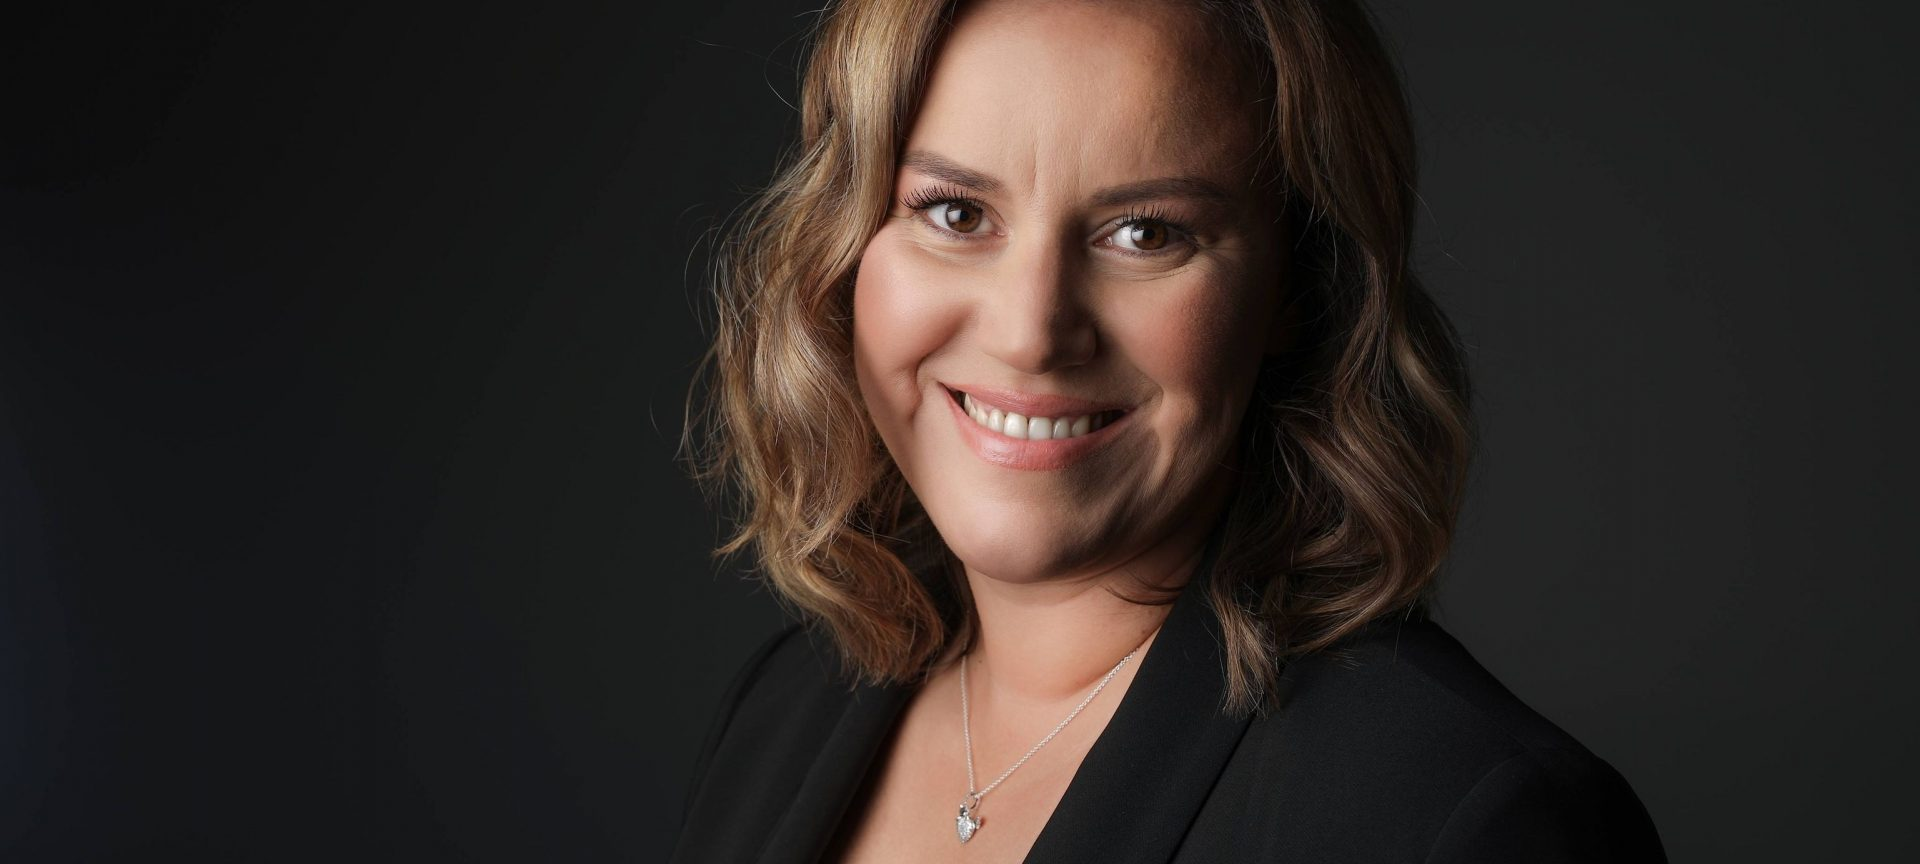 Mihaela Ciupală